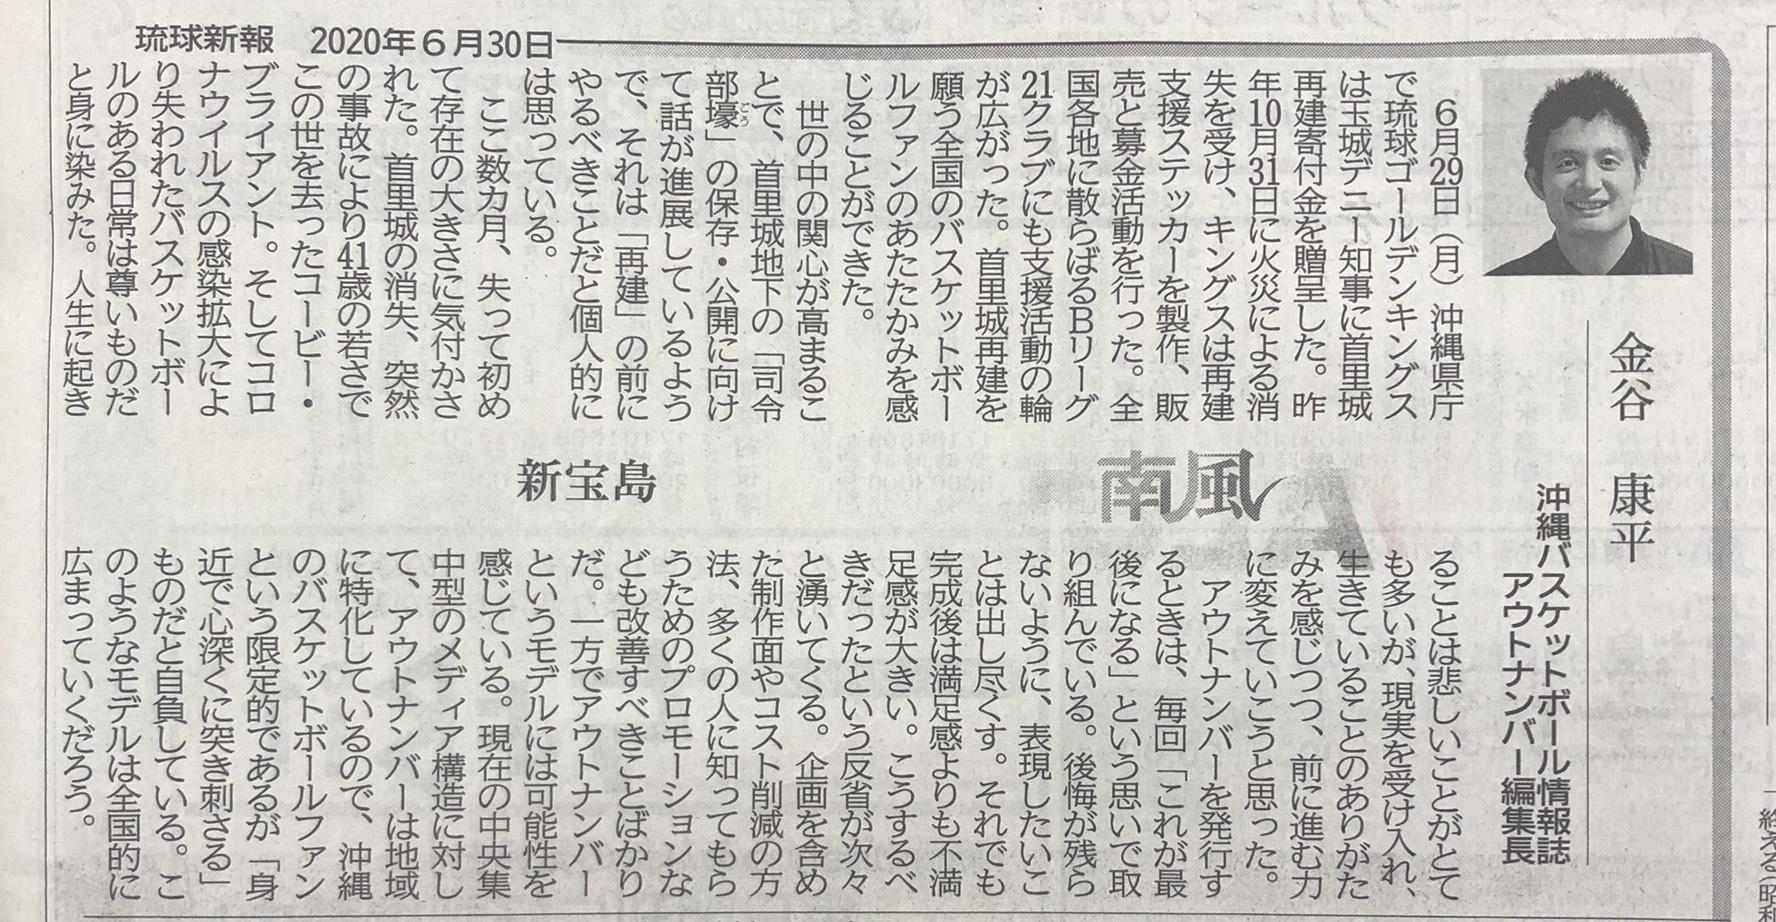 琉球新報6月30日コラム南風(最終回)